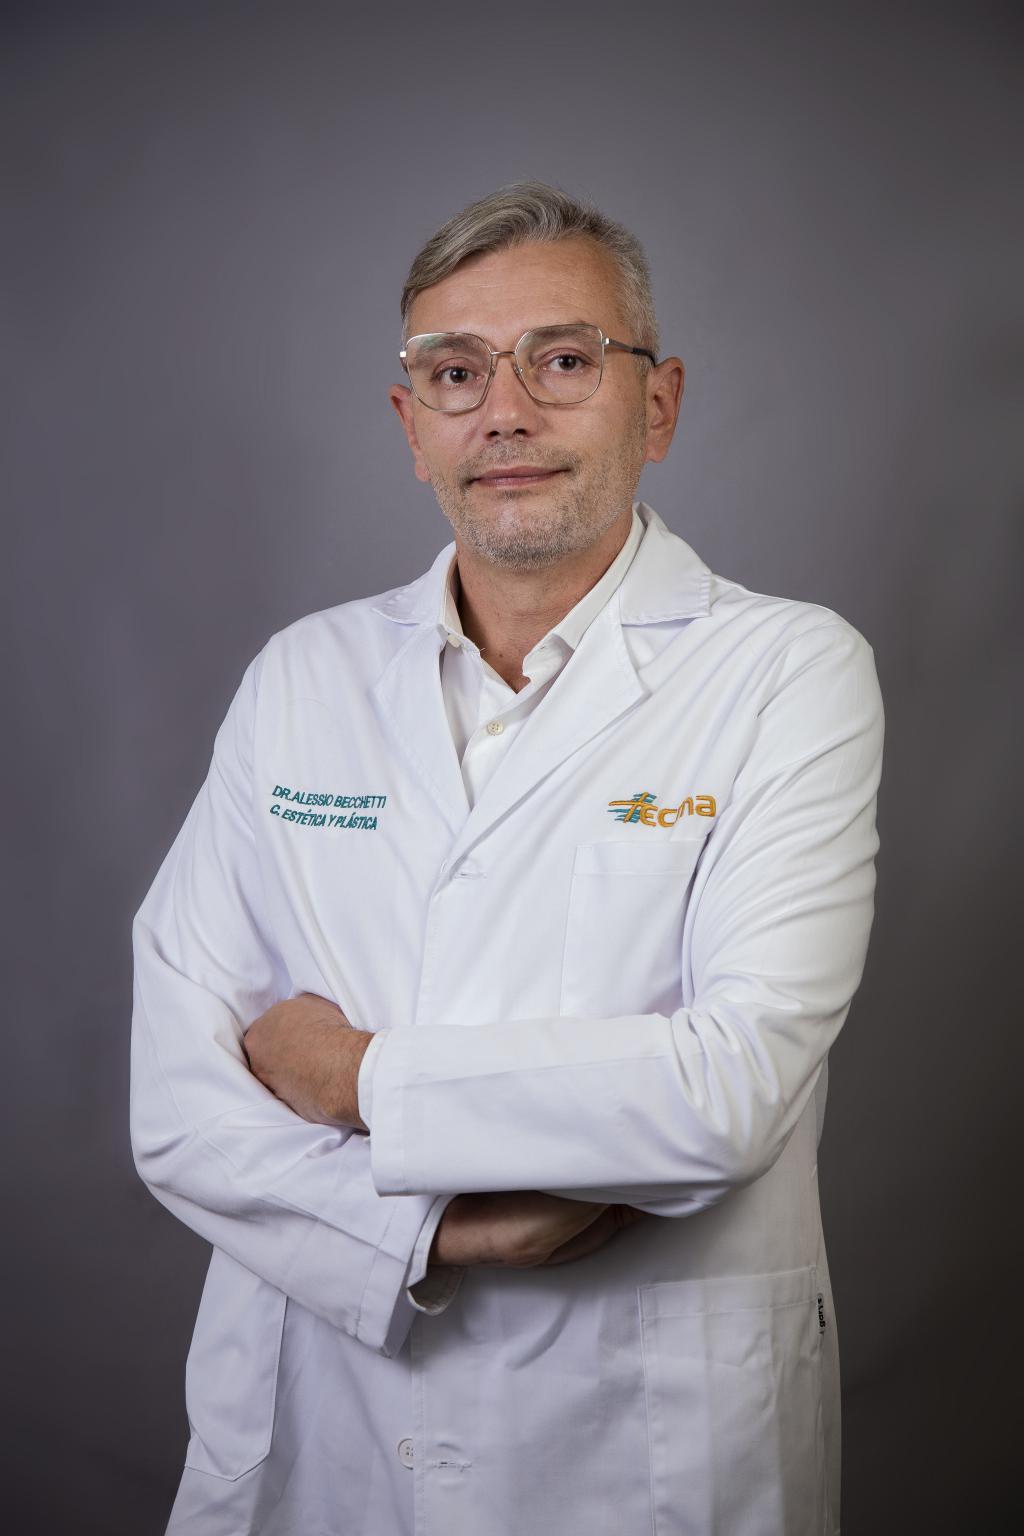 Cirujano Alessio Bechetti